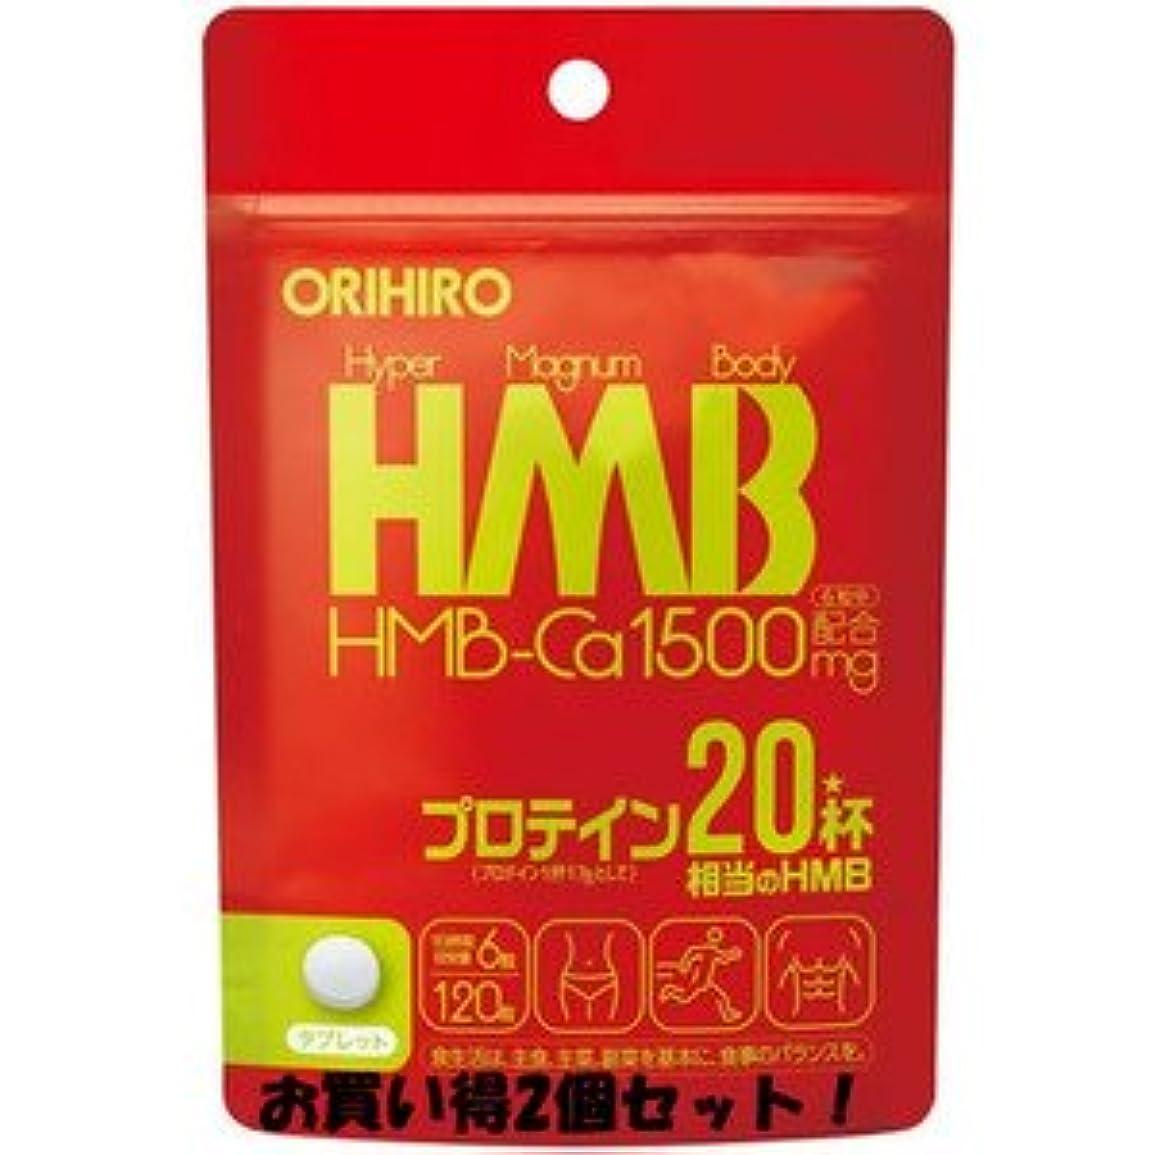 ピル干渉スカーフ(オリヒロ)HMB 120粒 120粒/新商品/バーサーカー/(お買い得2個セット)